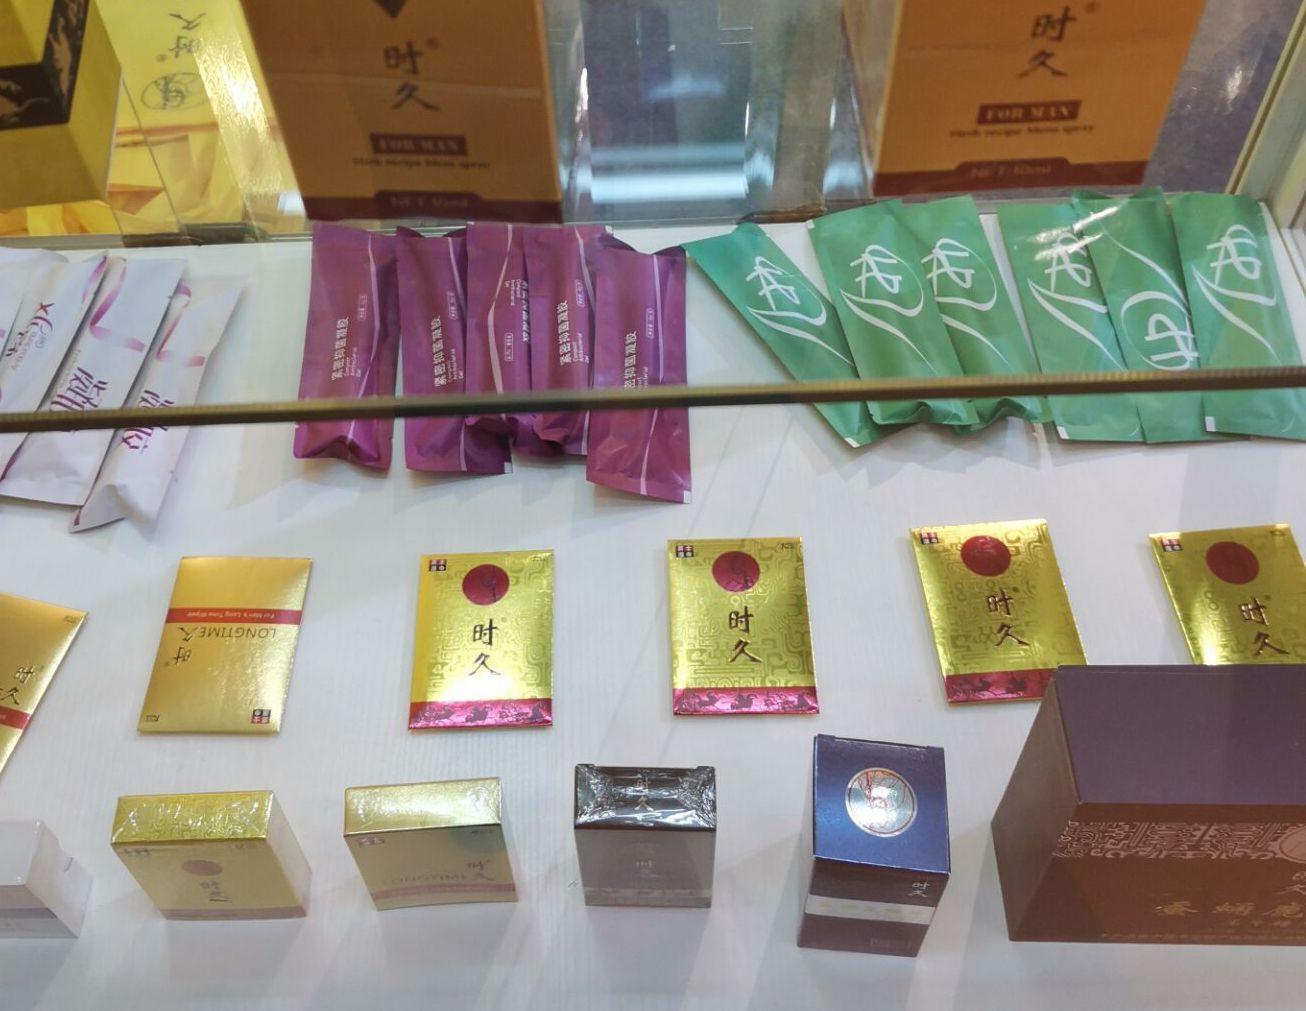 广州性文化节参展商及产品 (10)